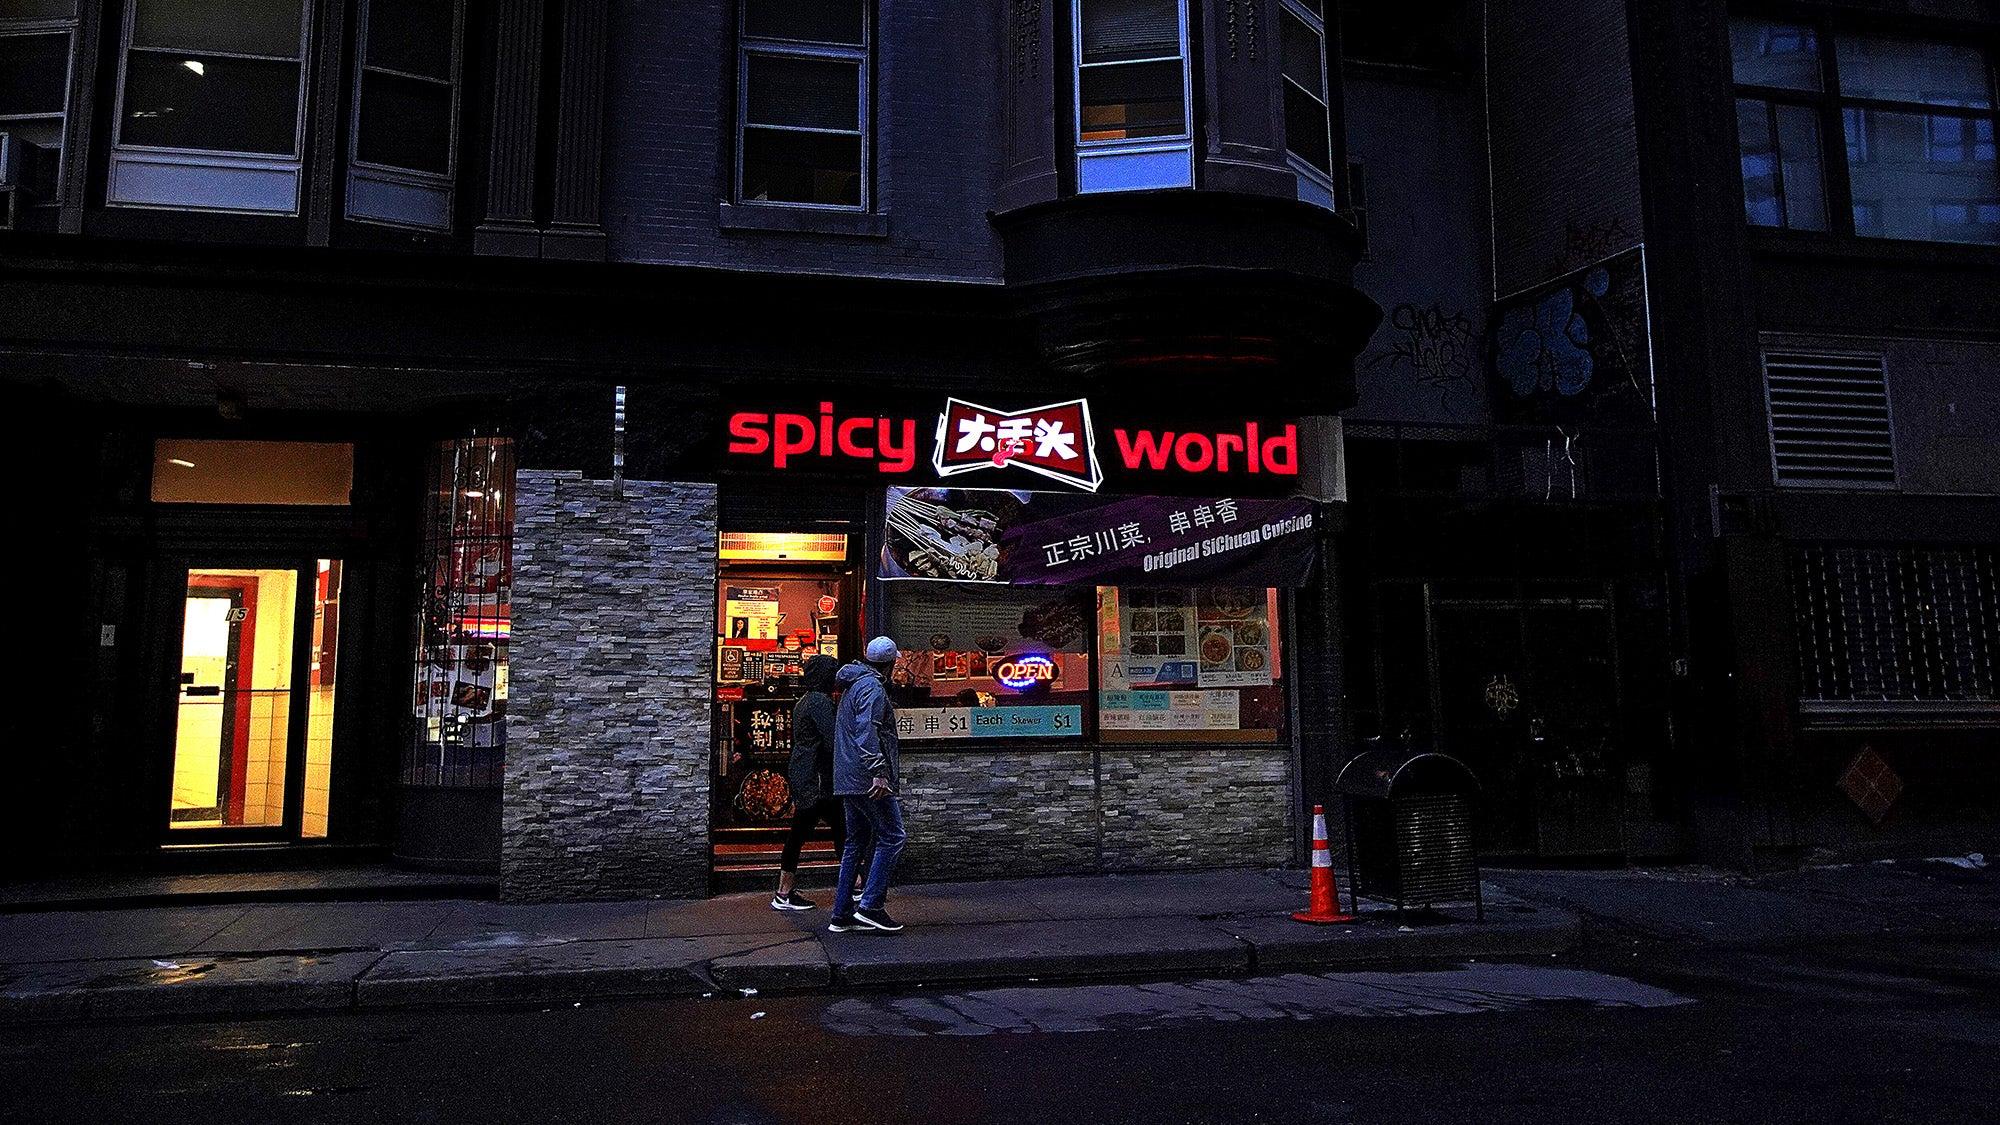 Spicy World